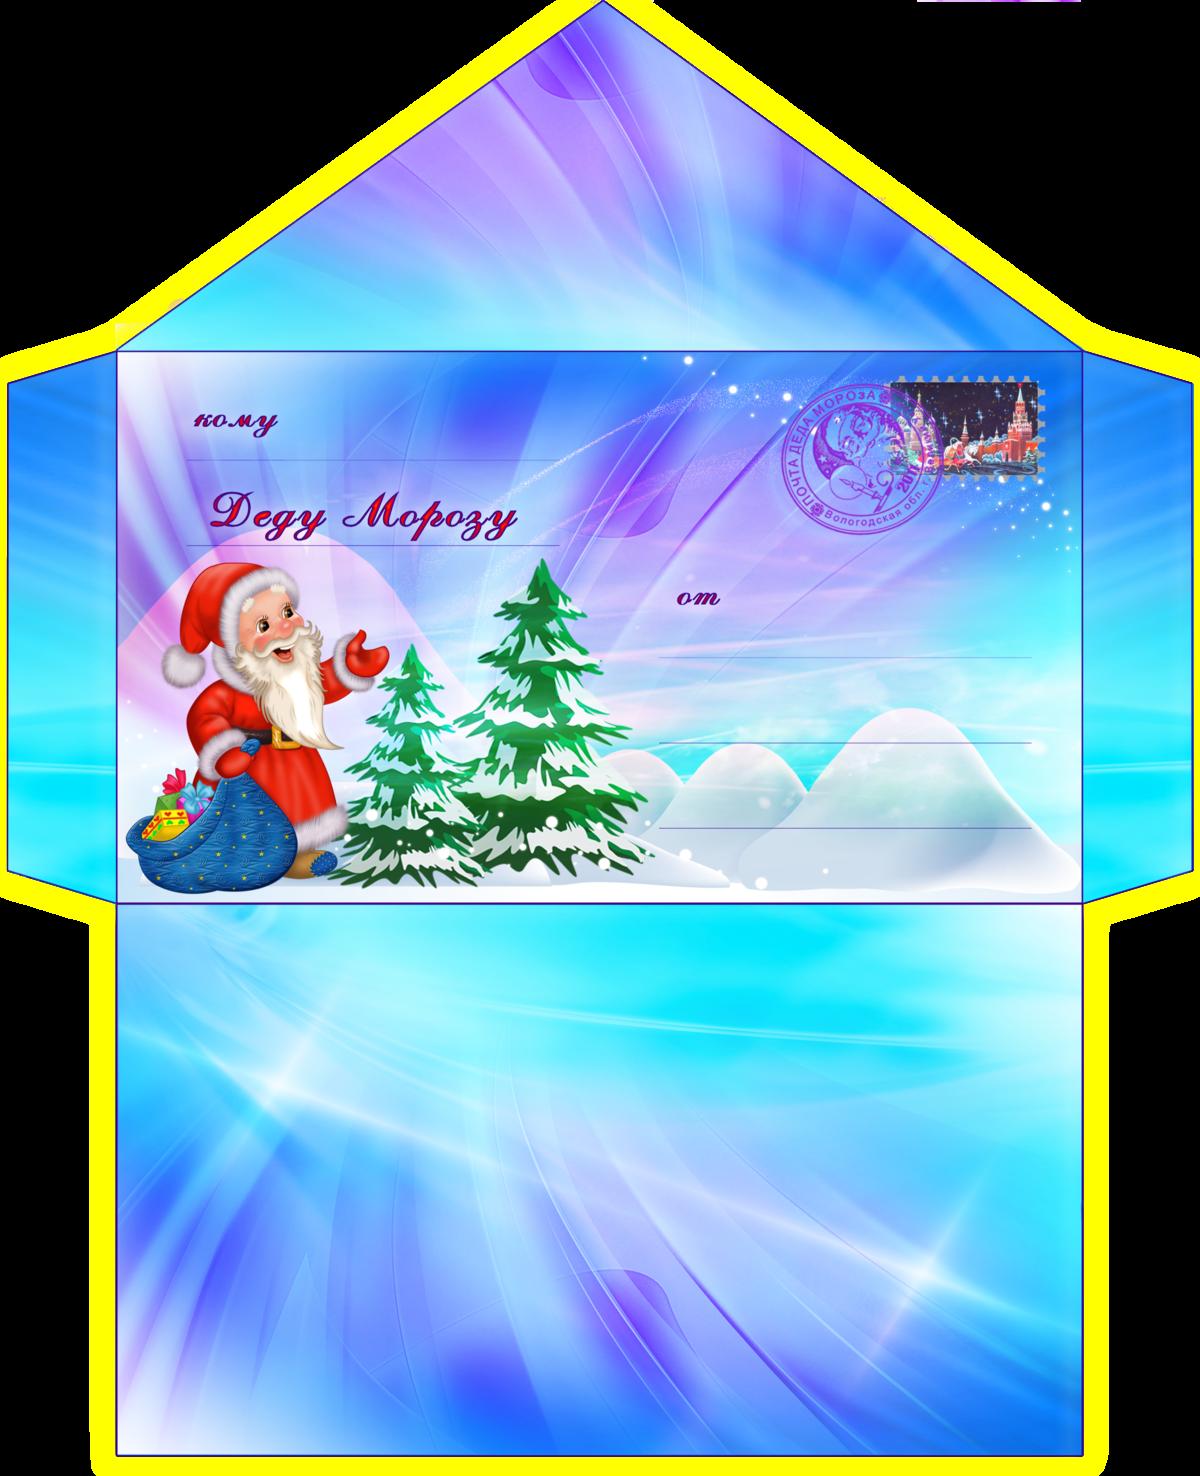 общем конверты новогодние картинки серые